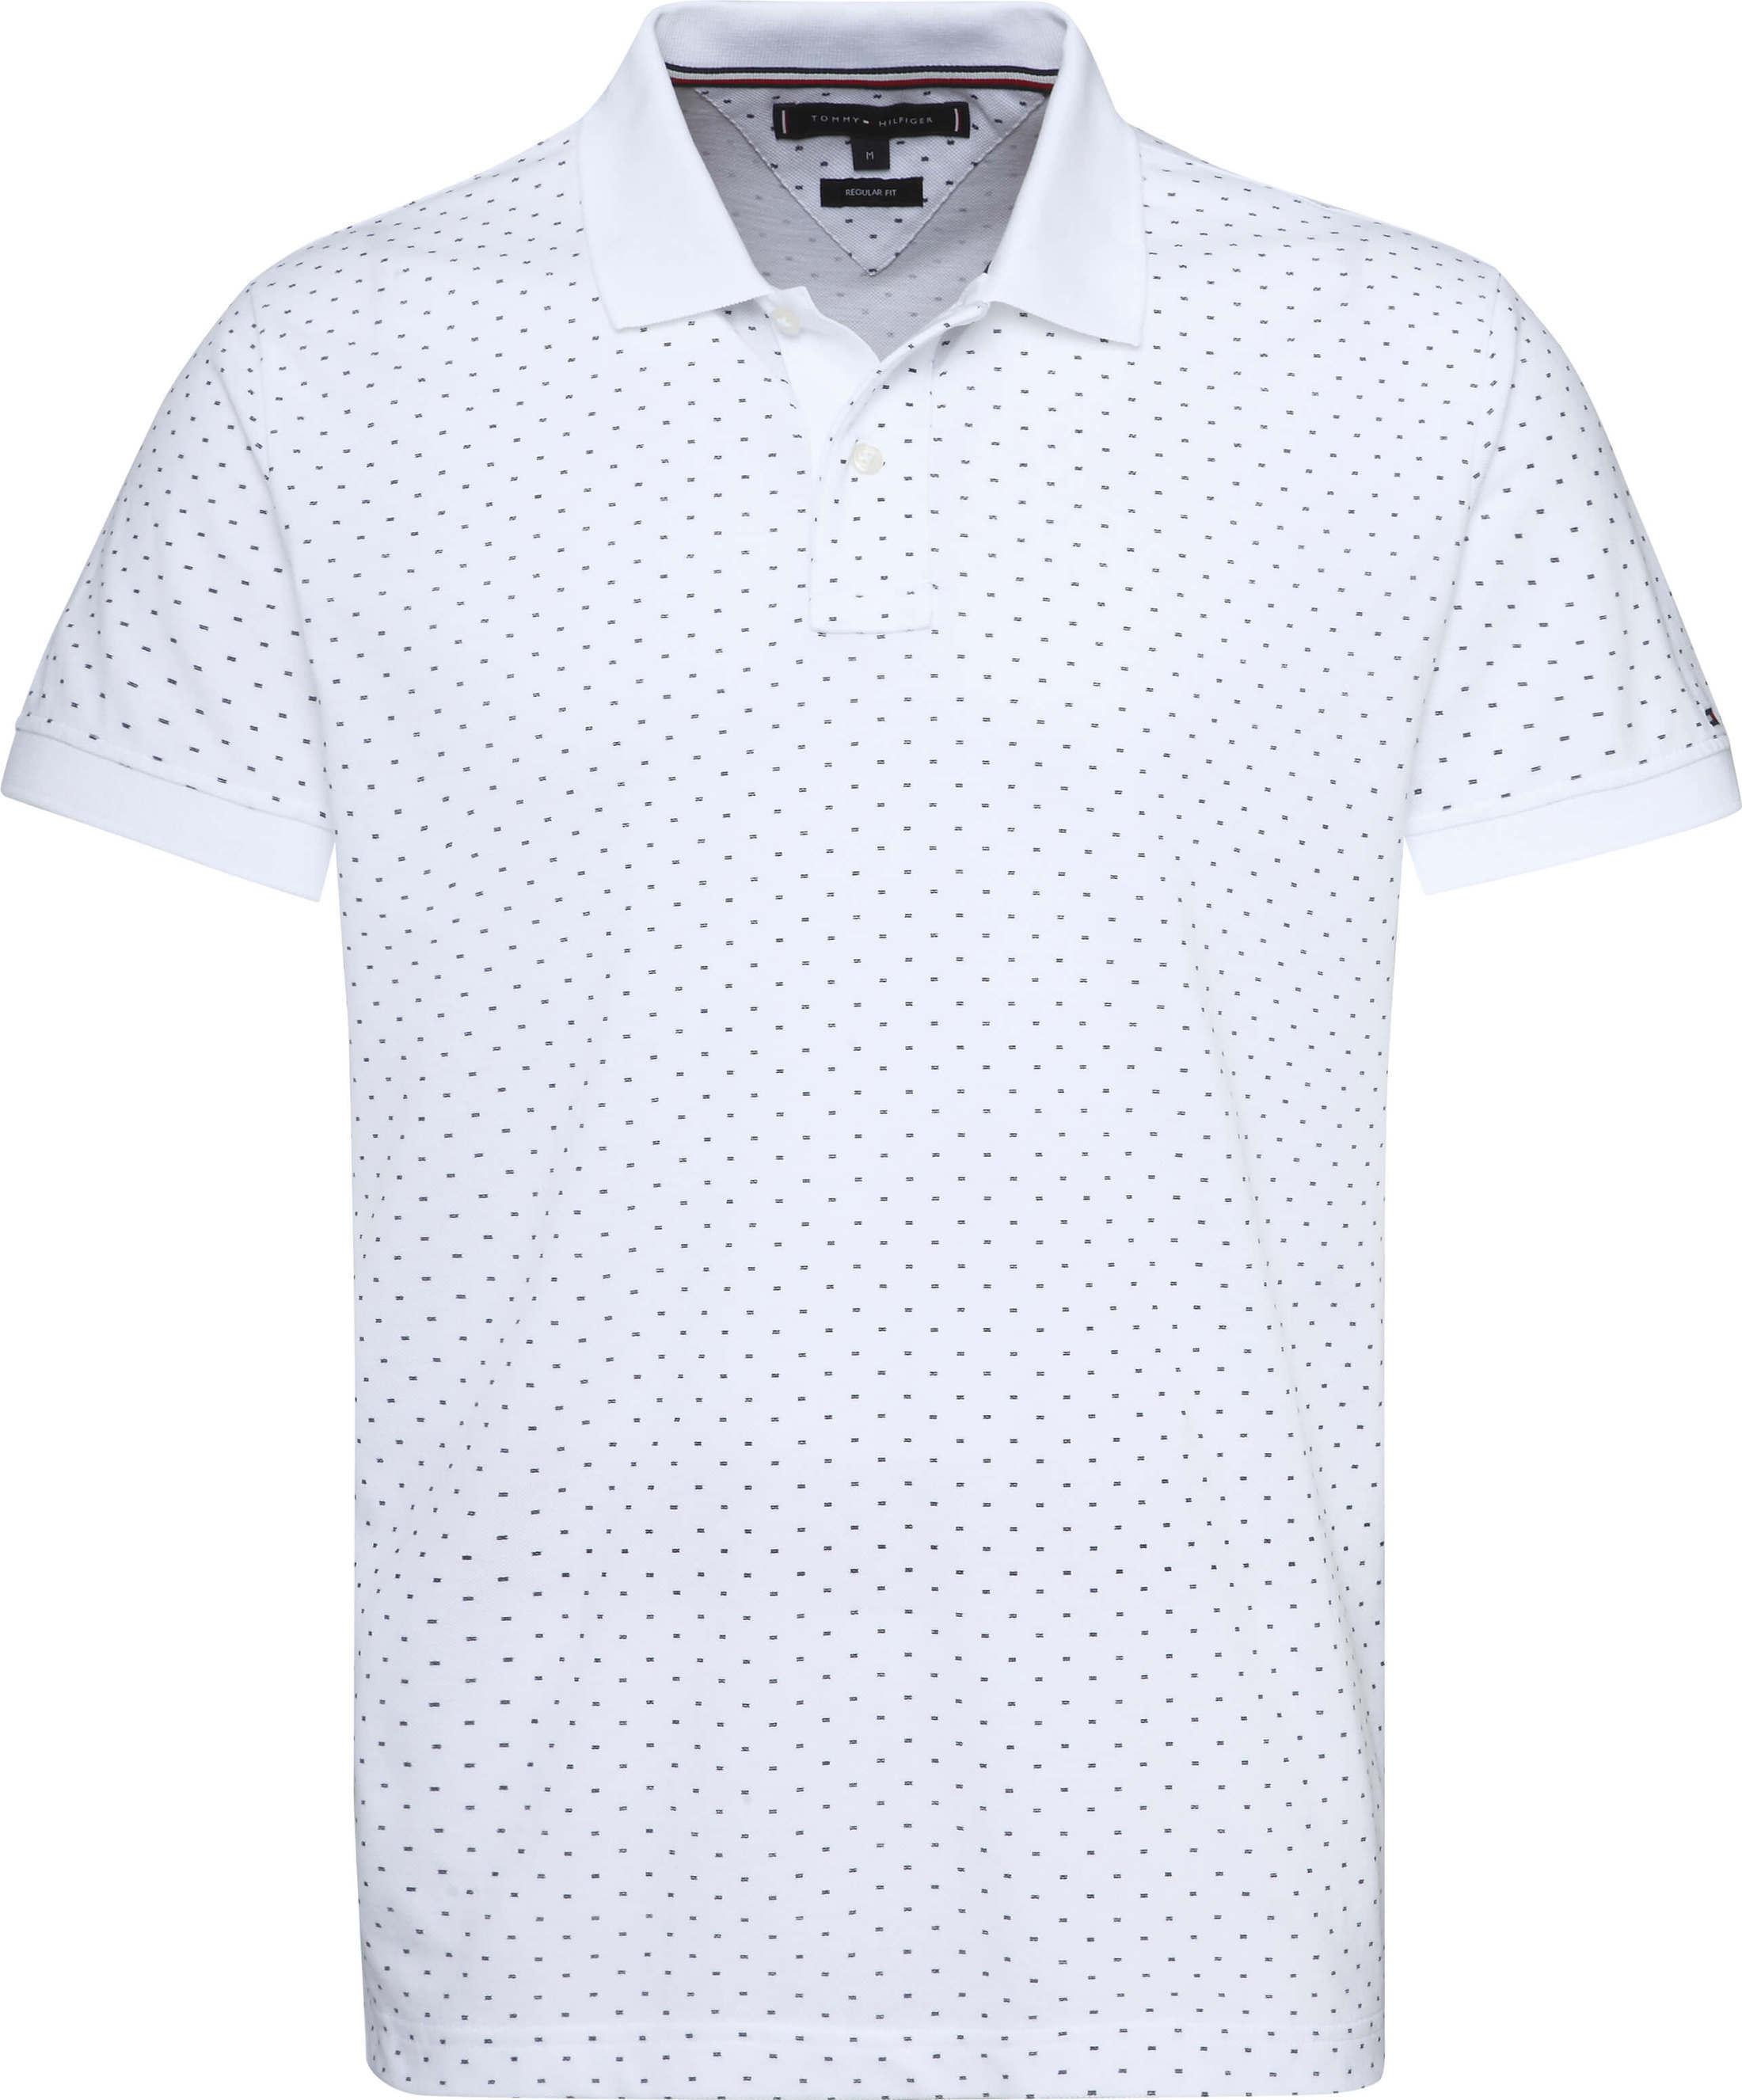 besserer Preis populärer Stil heiß-verkaufender Fachmann Tommy Hilfiger Poloshirt RF Print Weiß MW0MW09737100 online ...